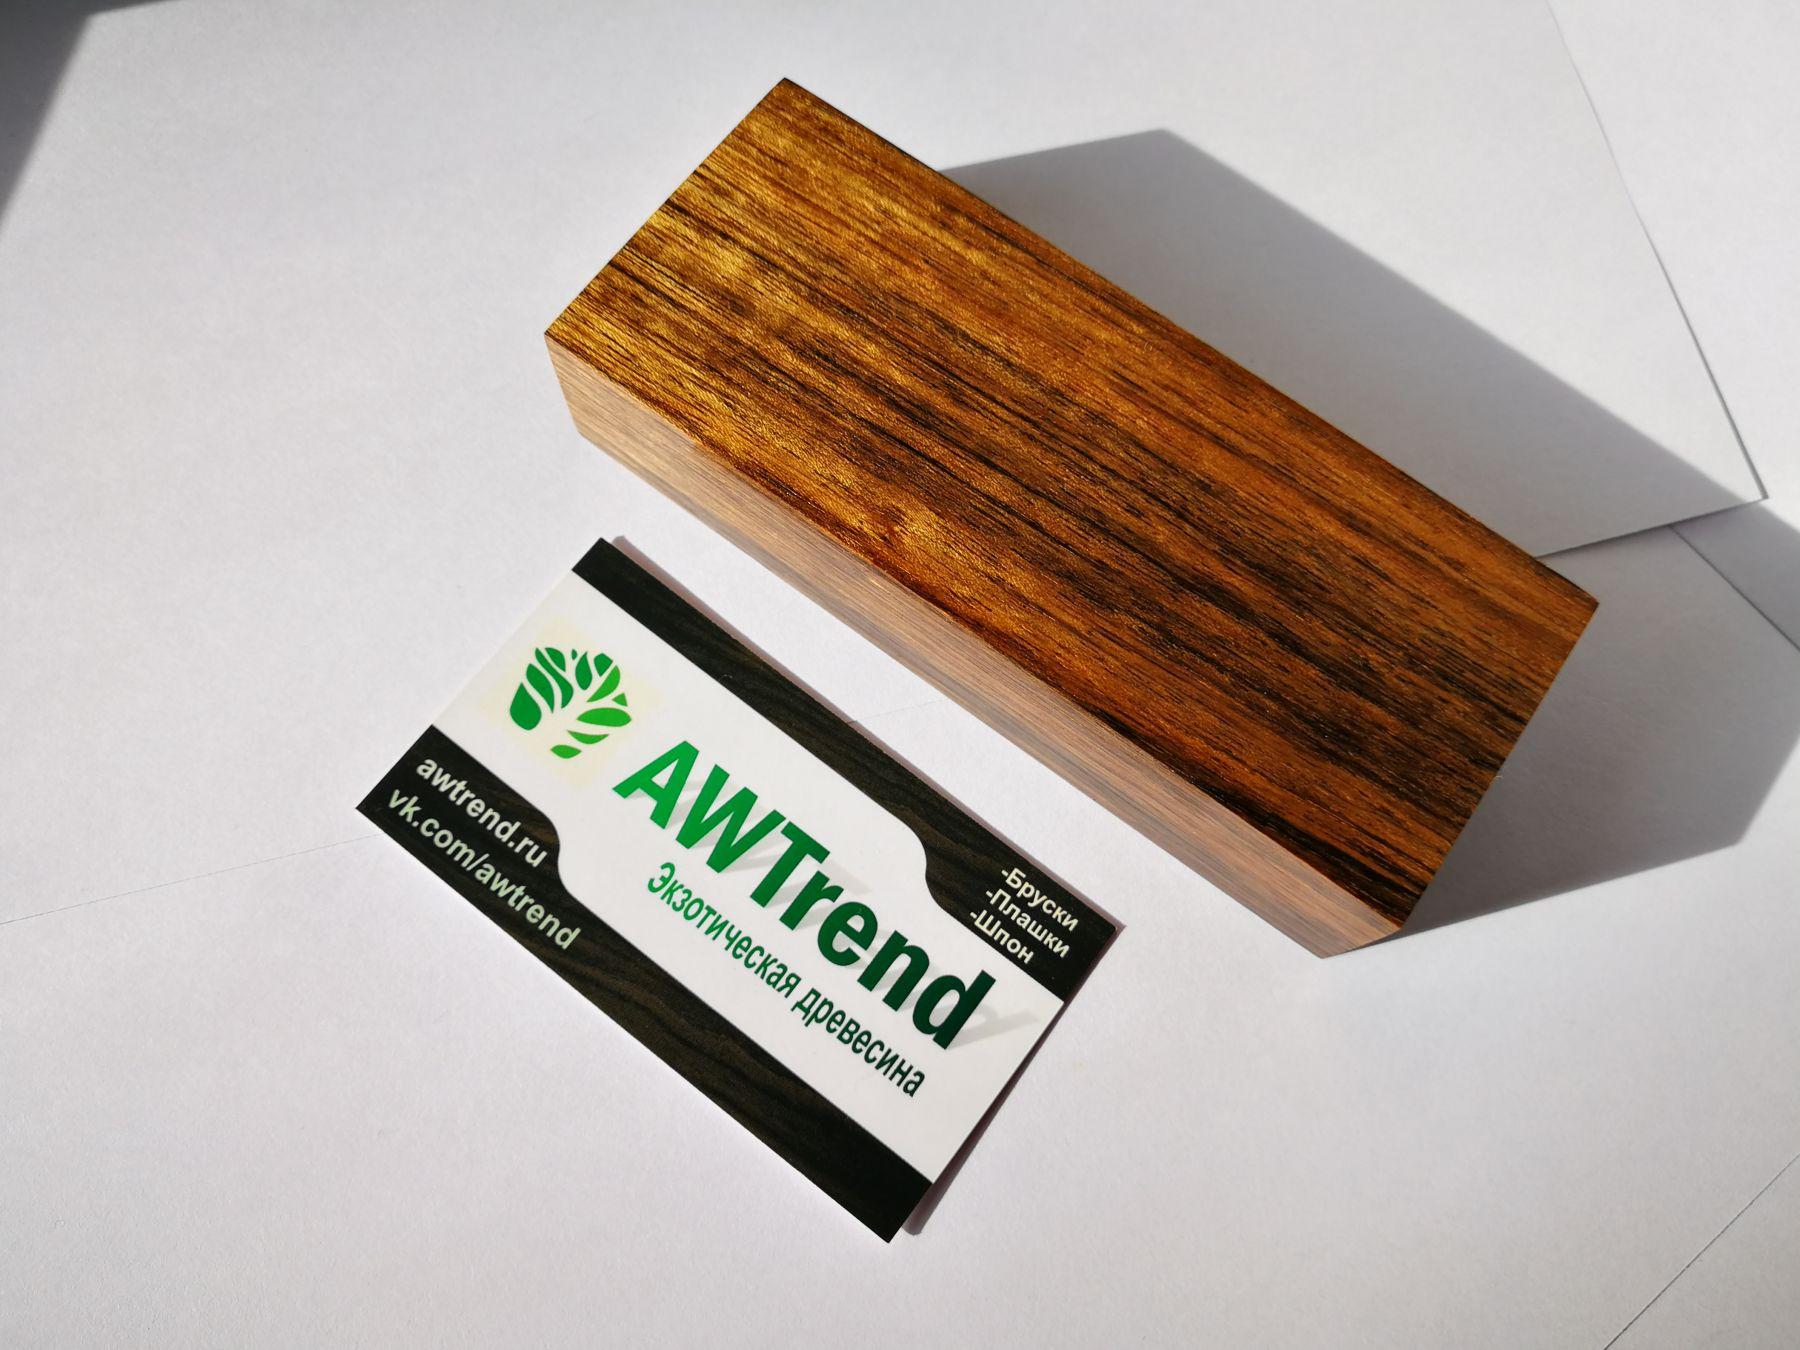 Амазакуе (Овангкол) плашки 5-7-10-14 мм на выбор (цена за 1 шт)